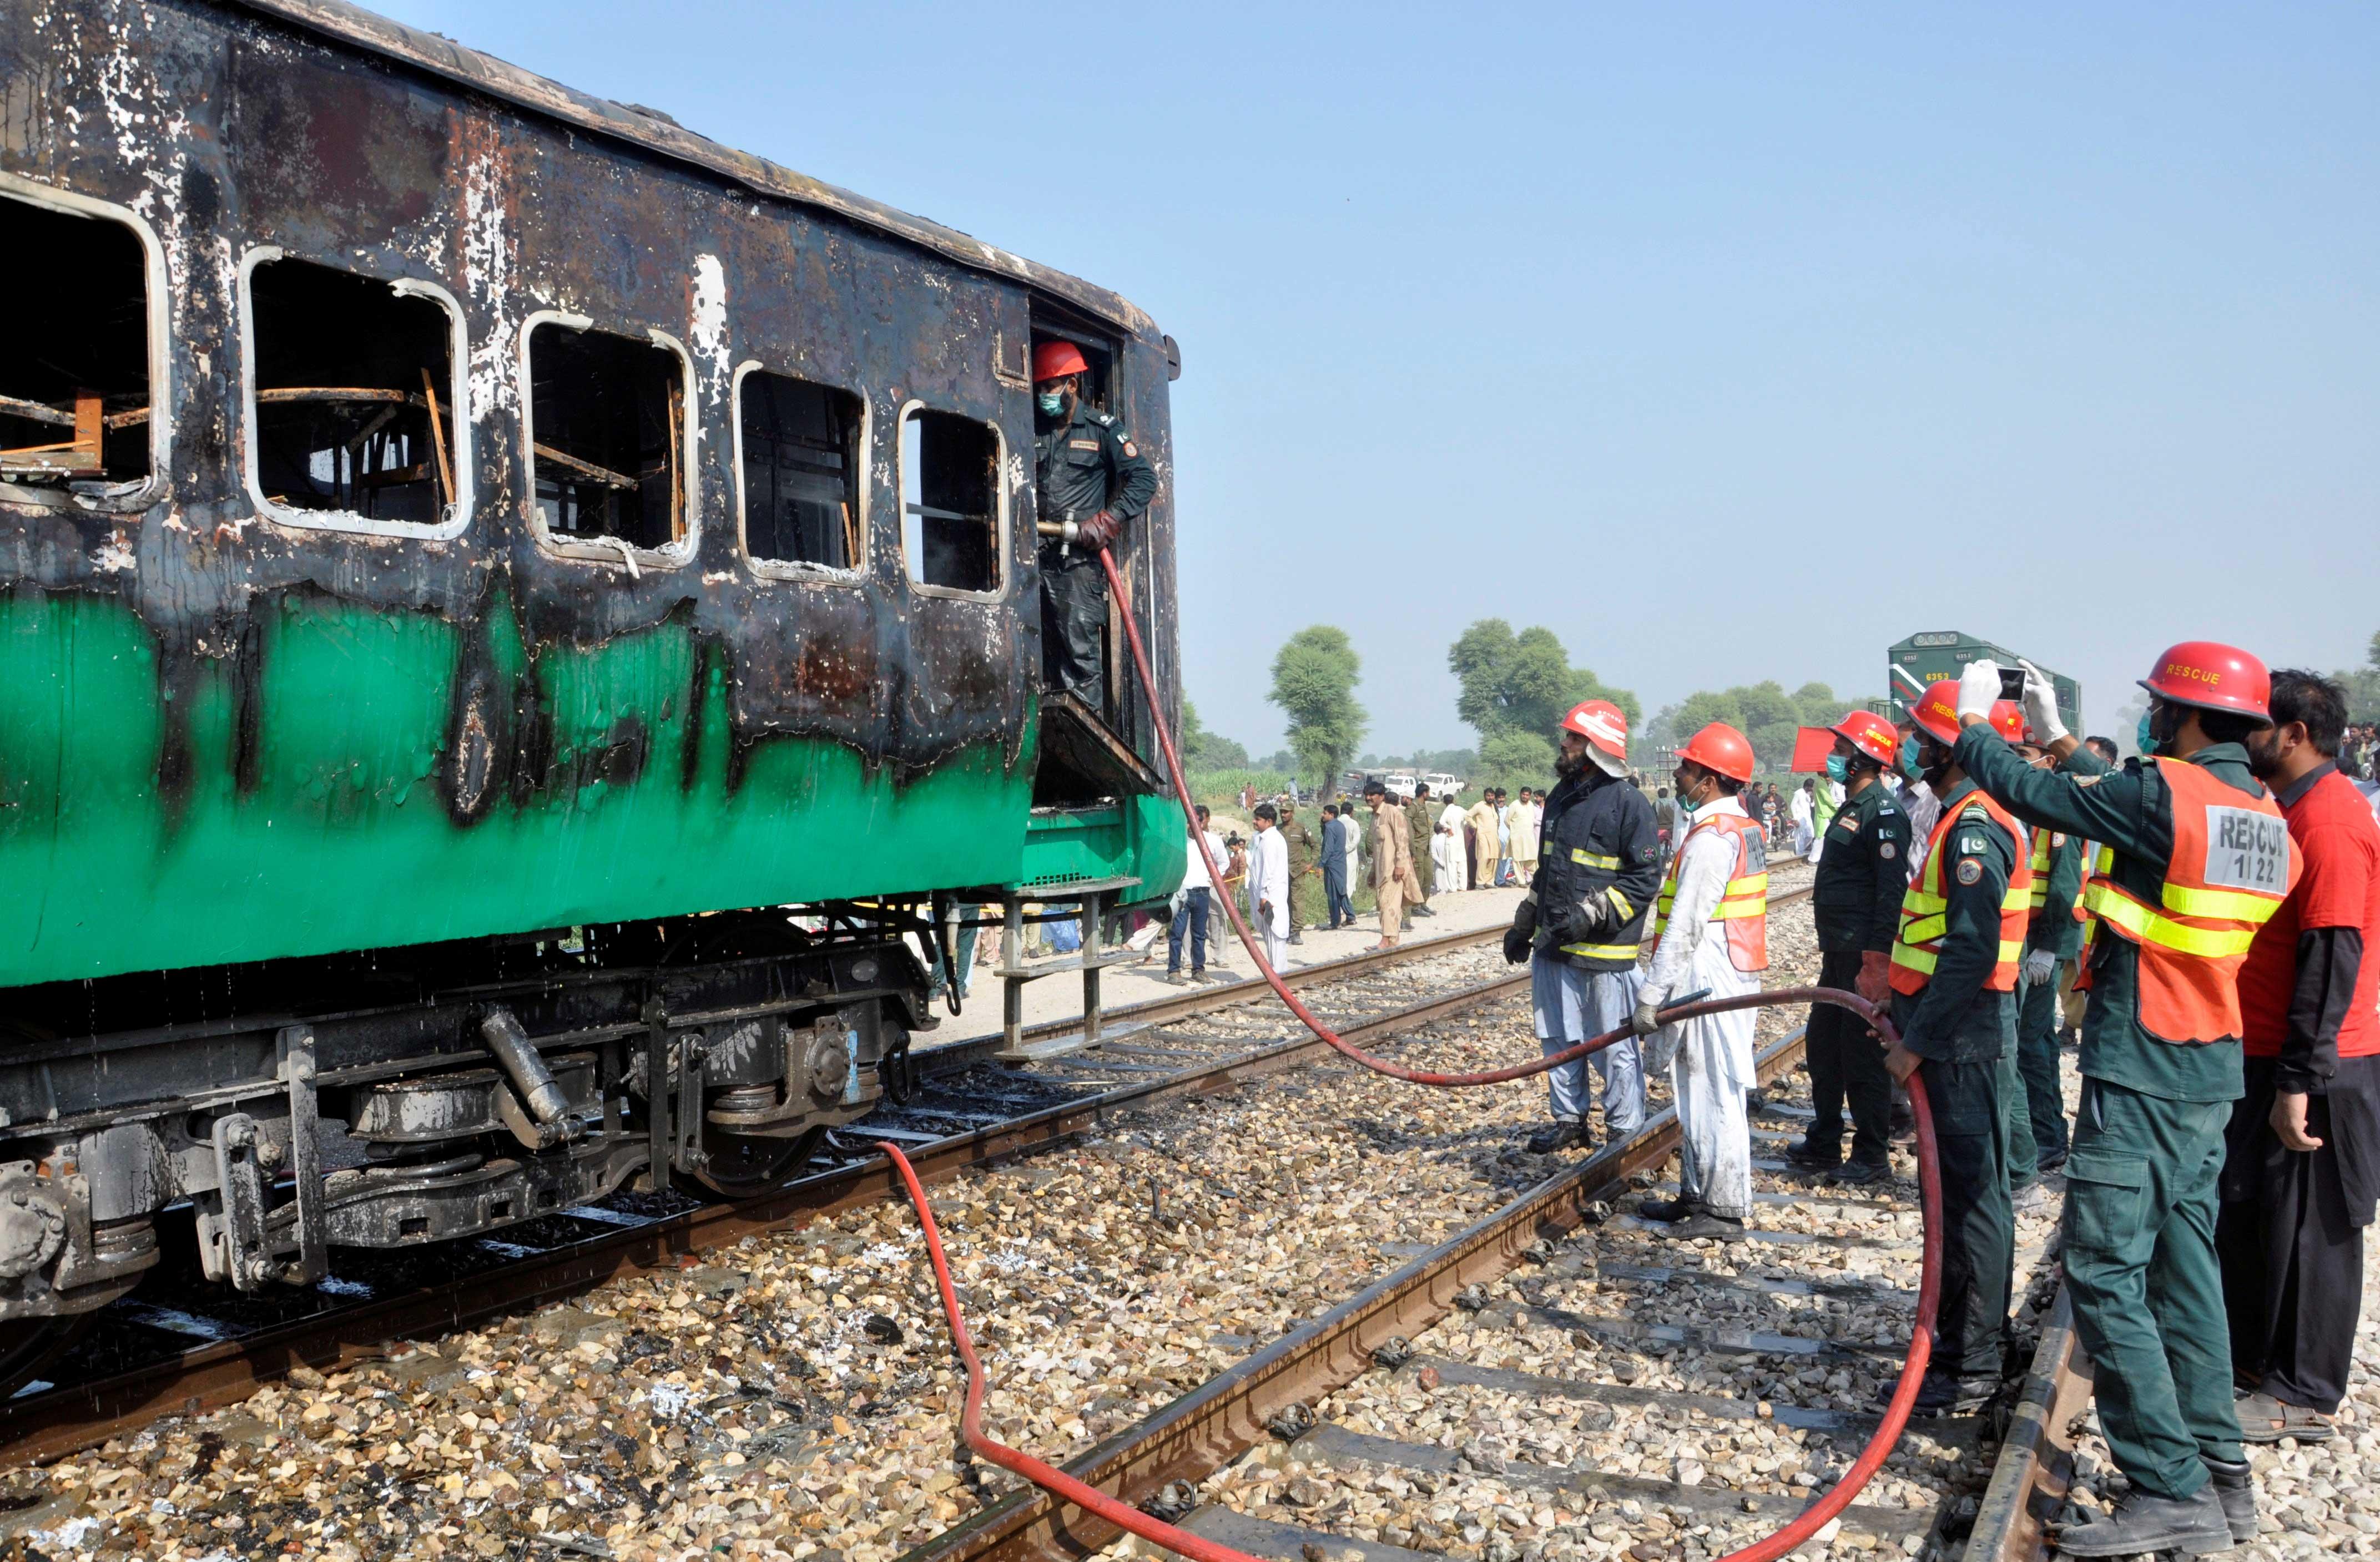 El incendio masivo envolvió tres vagones del tren que viajaba en la provincia oriental de Punjab. (REUTERS)